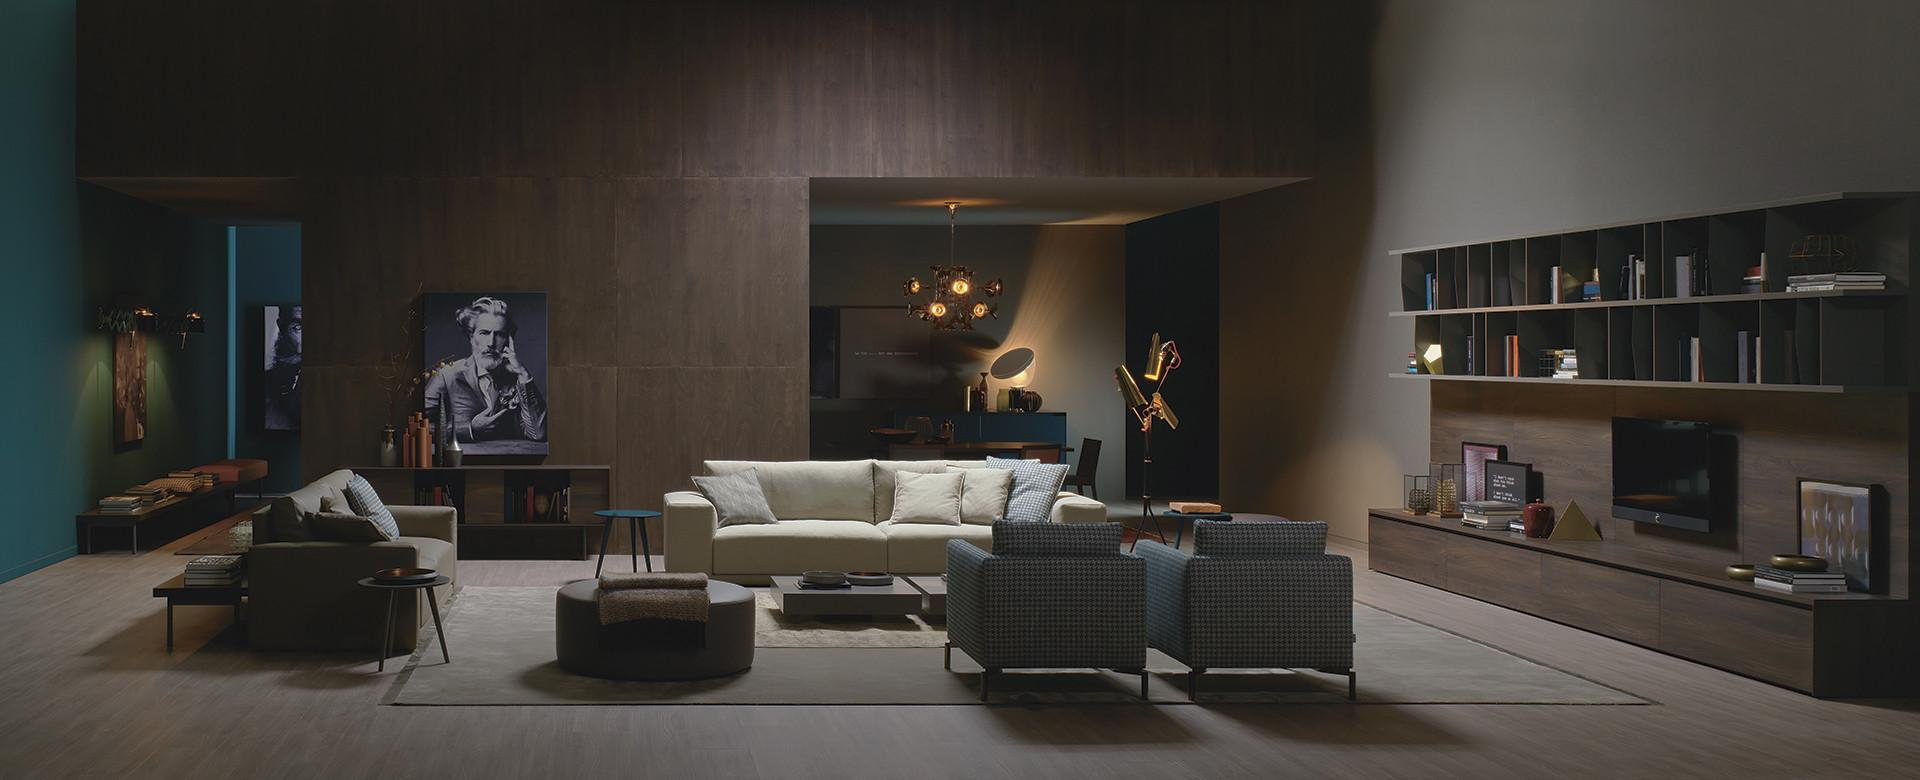 salone del mobile 2015 highlights m belmesse in mailand. Black Bedroom Furniture Sets. Home Design Ideas